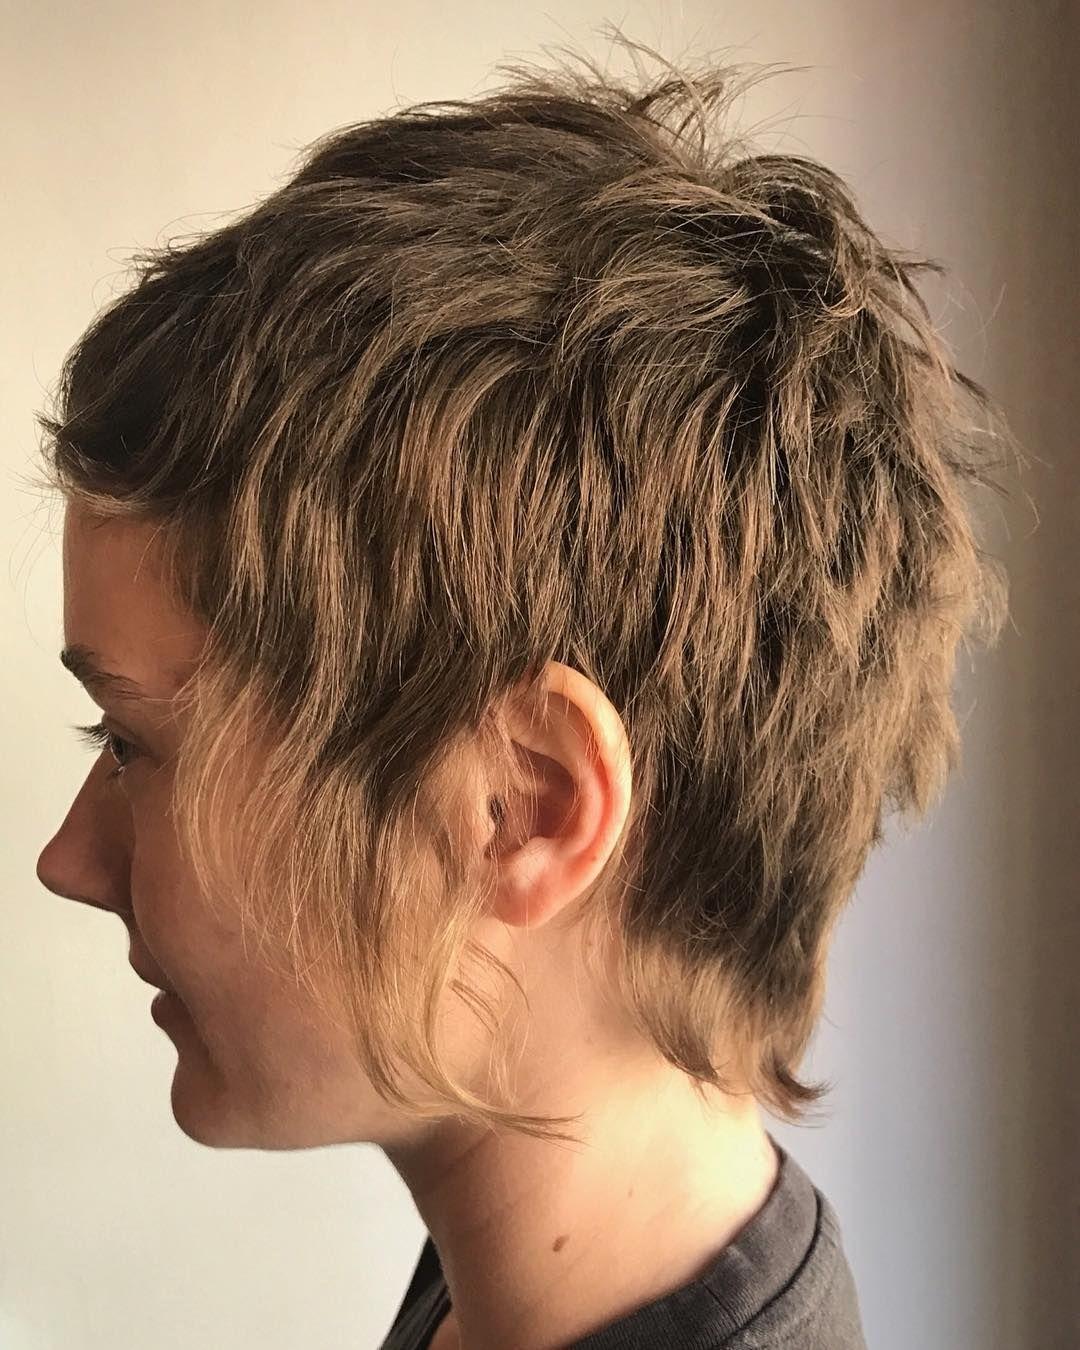 likes comments public barber salon publicbarbersalon on